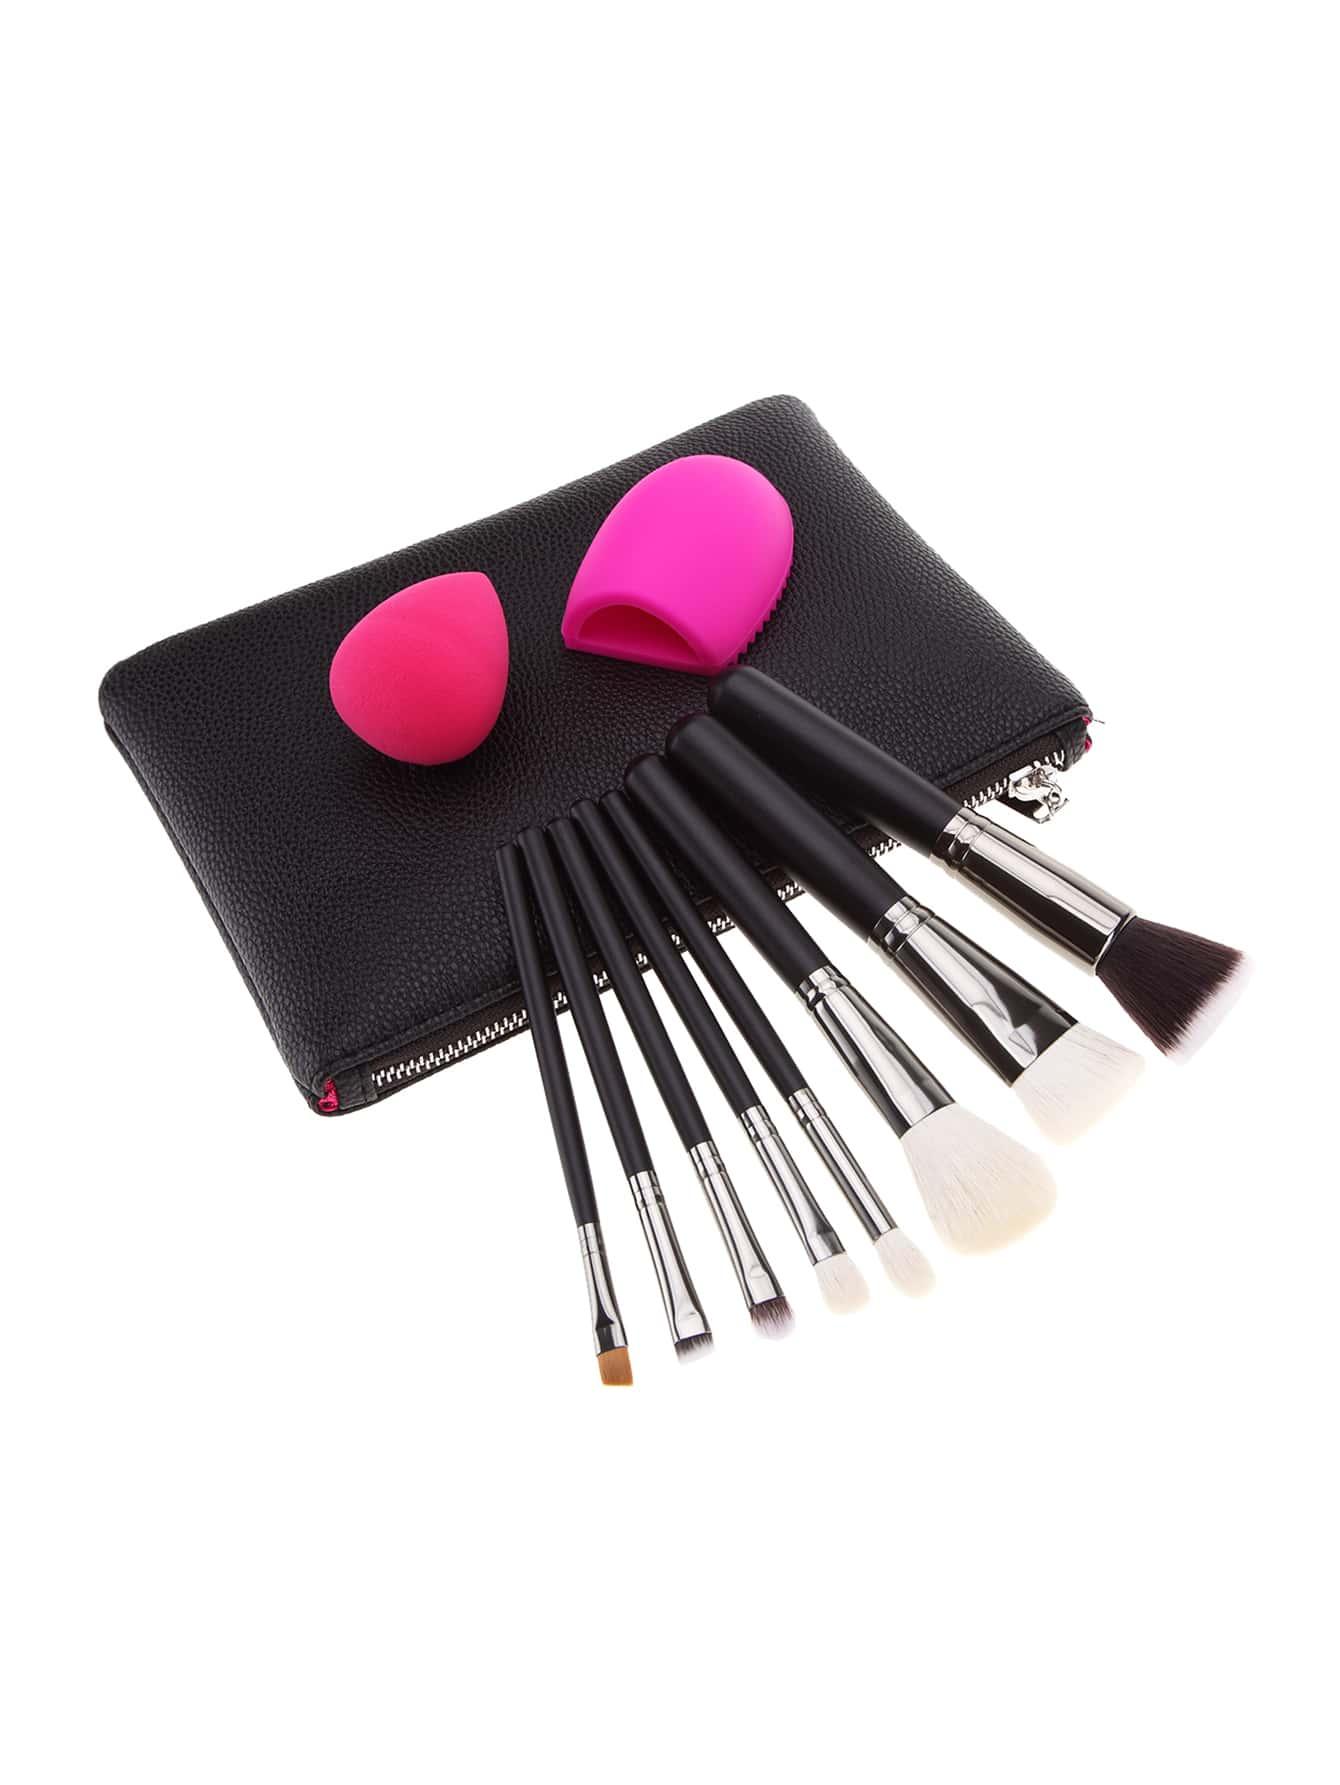 Фото Makeup Brush And Puff Set With Bag. Купить с доставкой